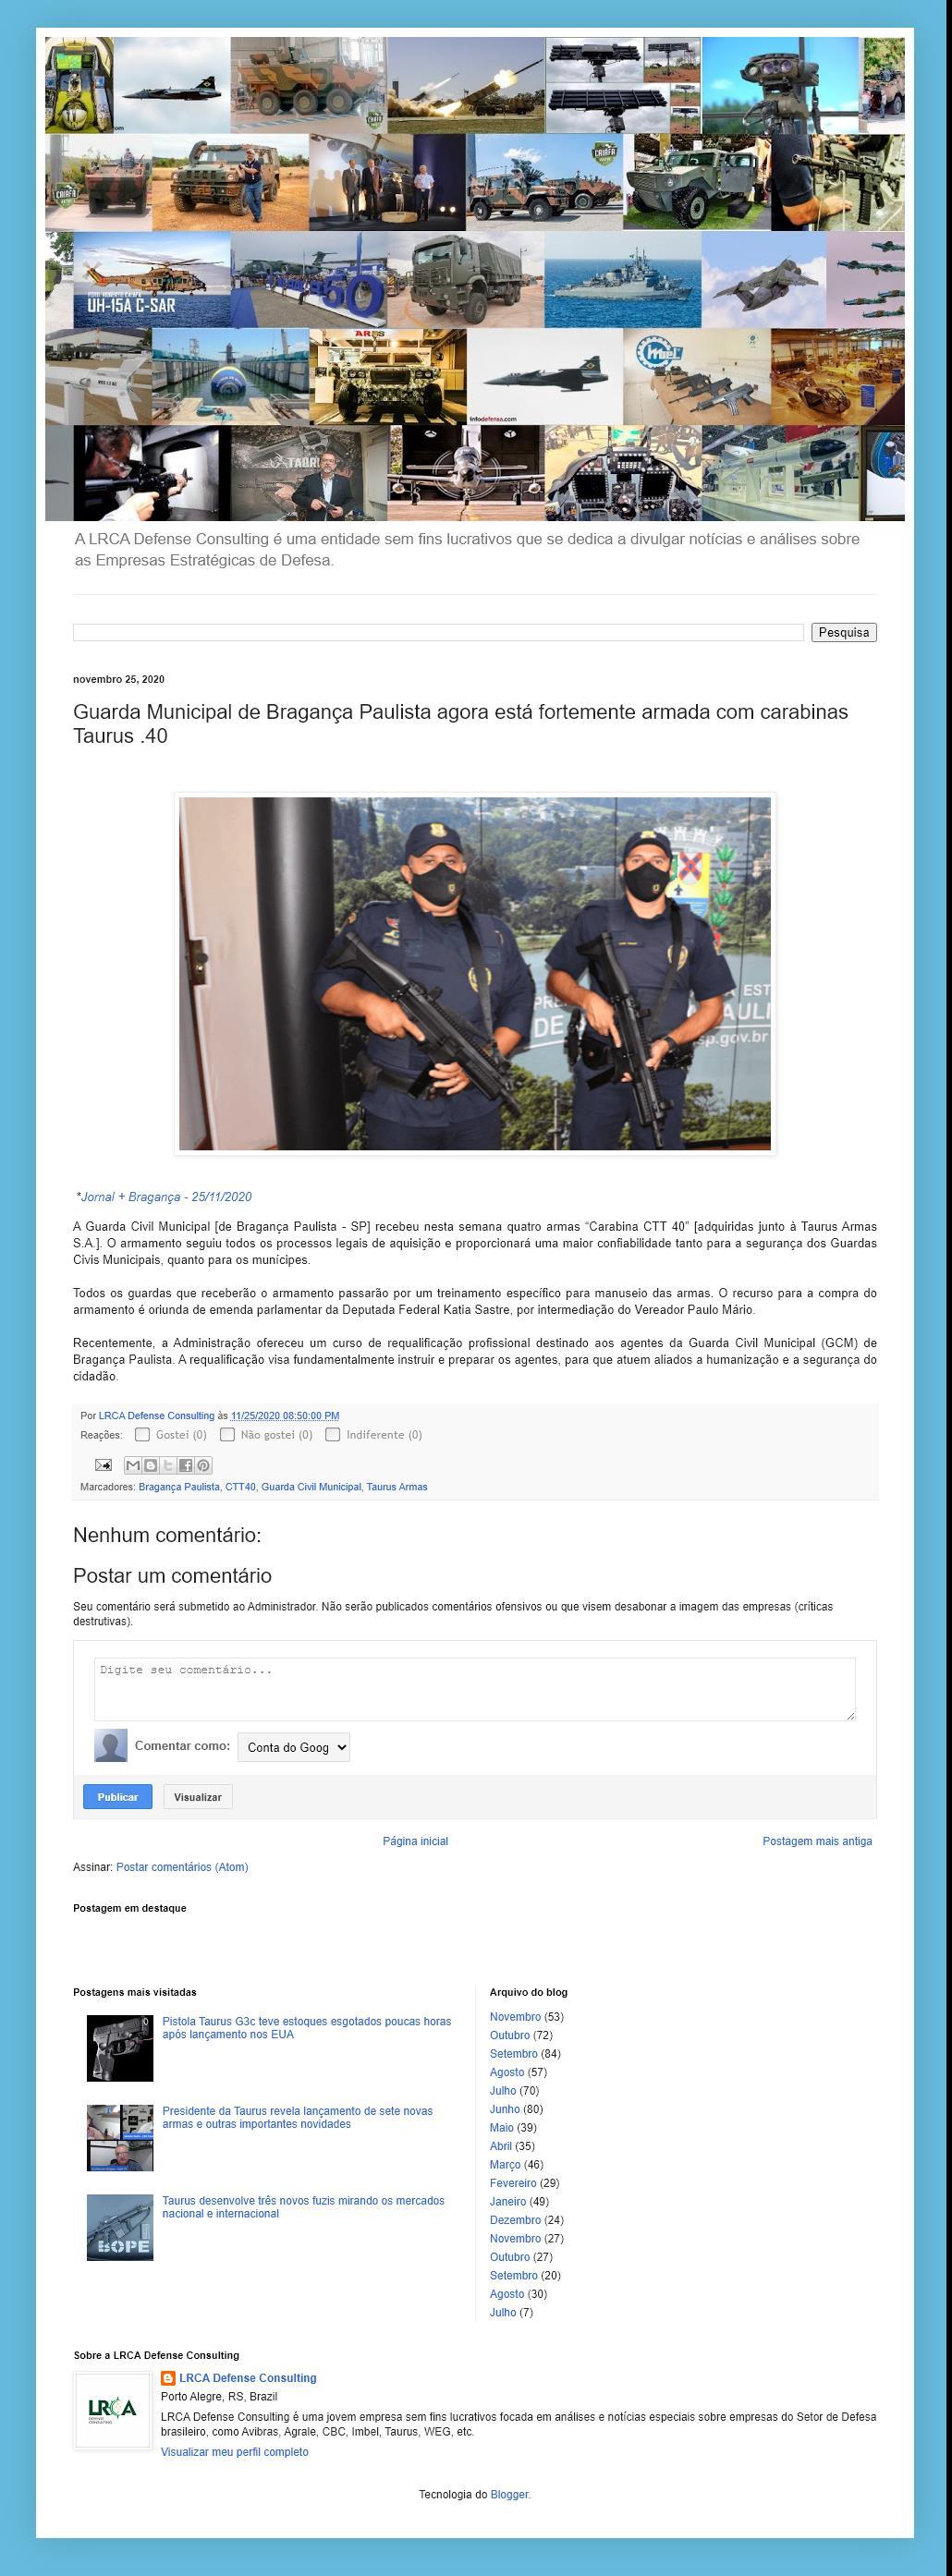 Guarda Municipal de Bragança Paulista agora está fortemente armada com carabinas Taurus .40